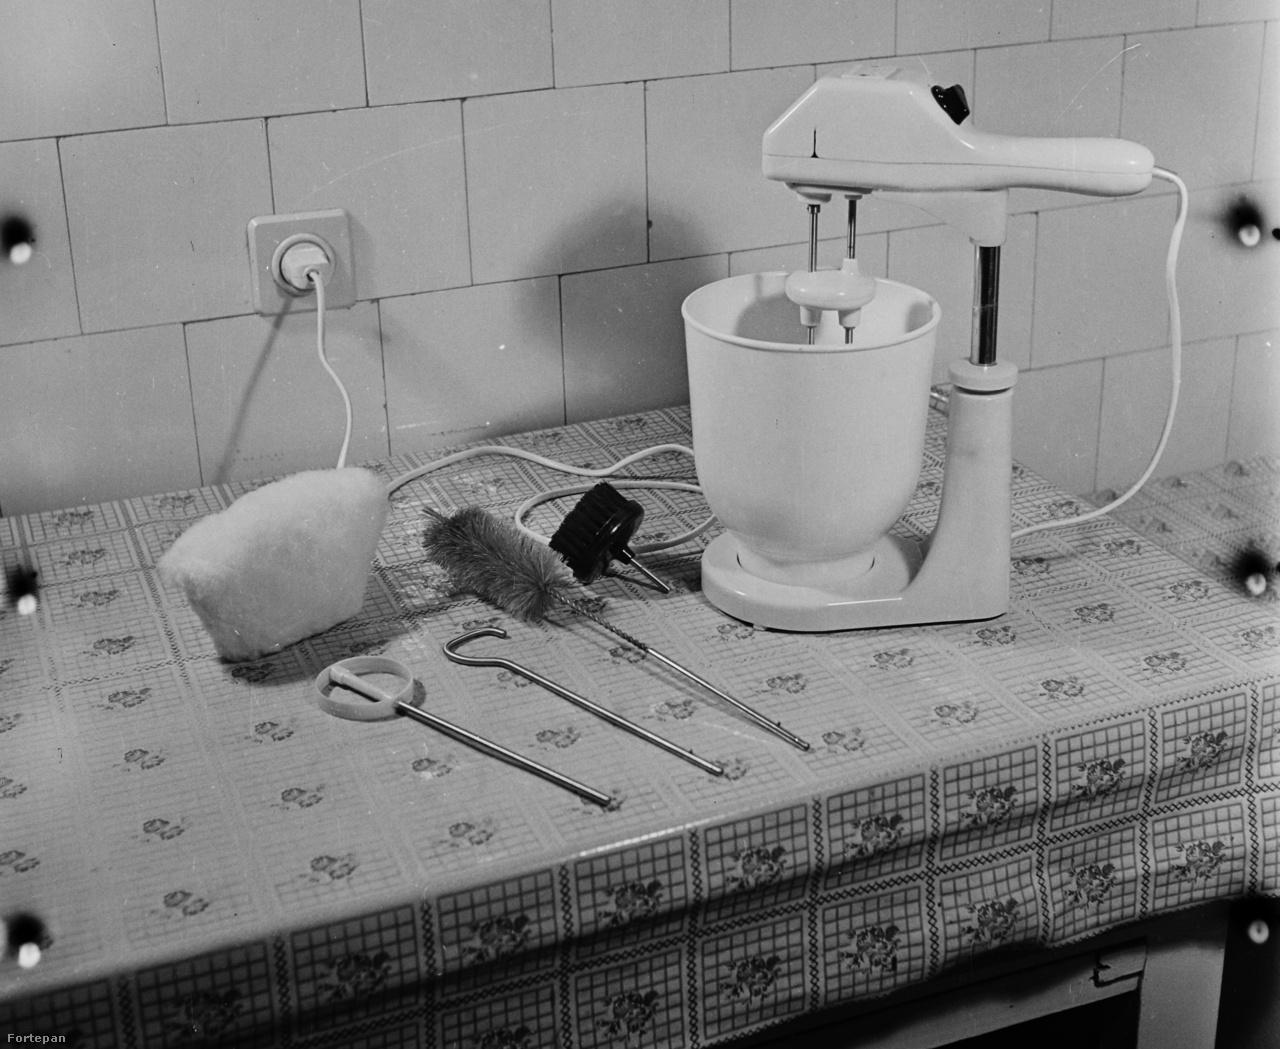 Háztartási kisgépszett 1960-ból, meglehetősen praktikus üvegmosófejjel.